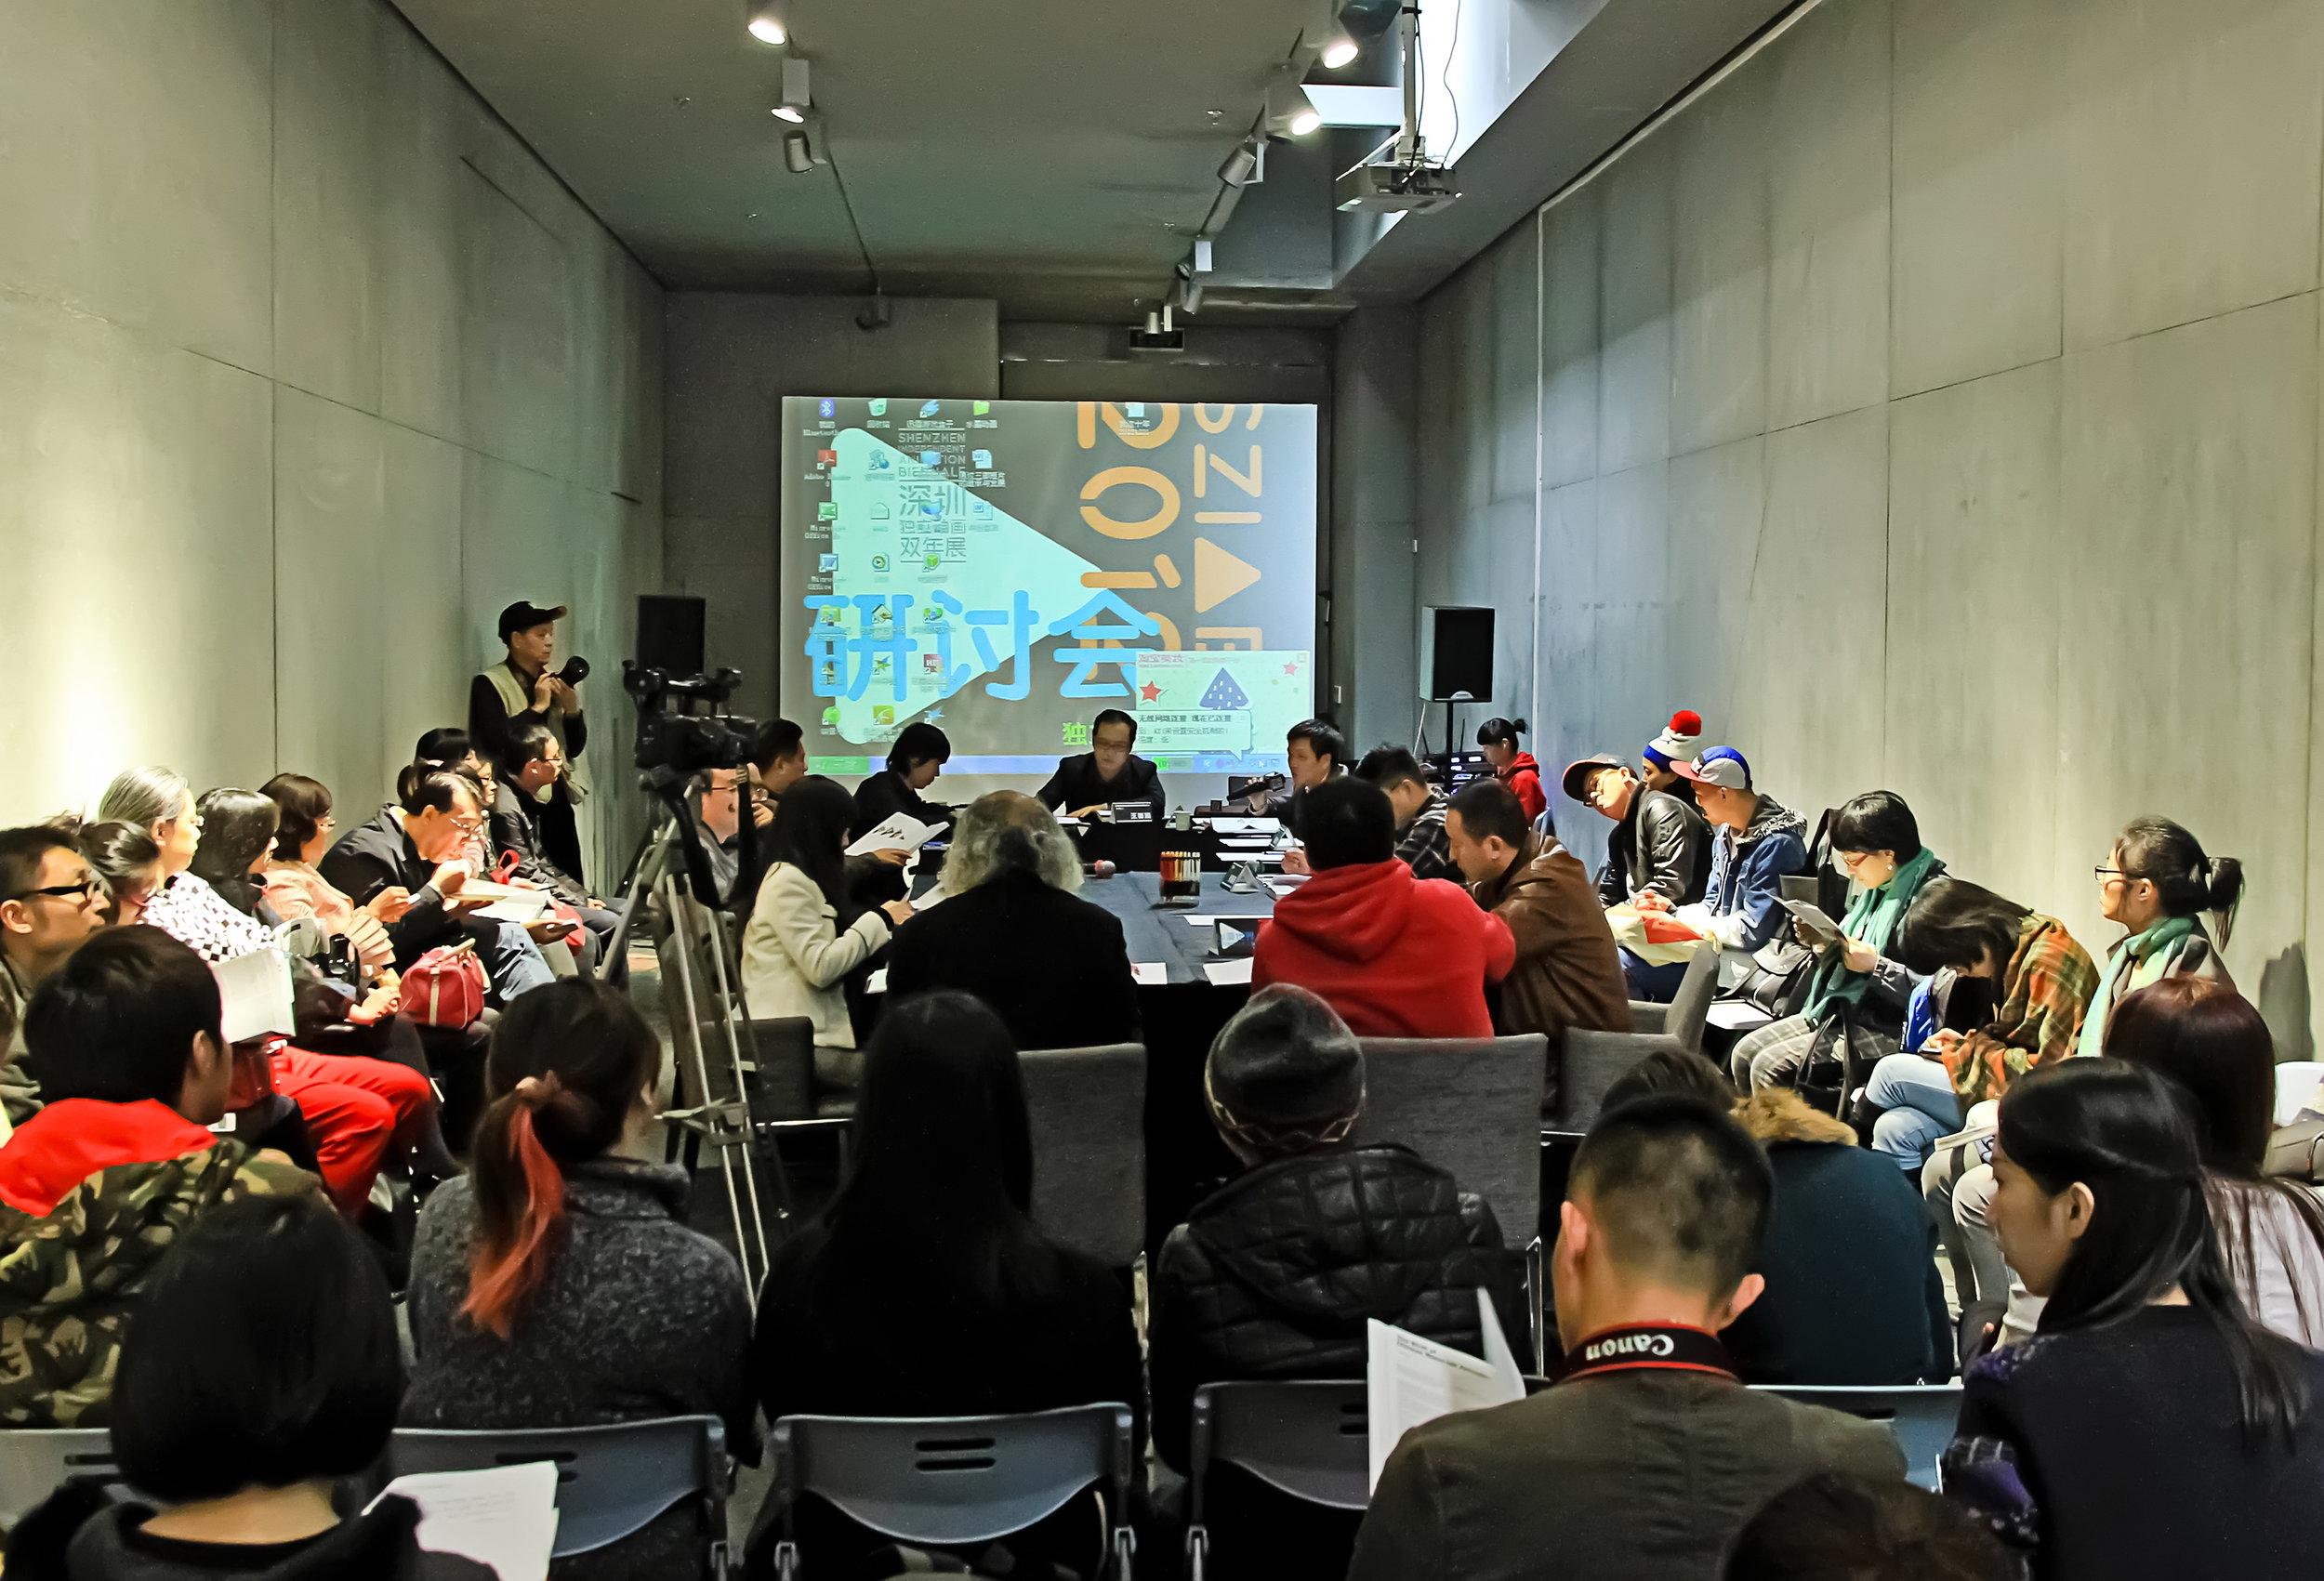 20121222首届深圳独立动画双年展26 欧阳勇 摄影.jpg